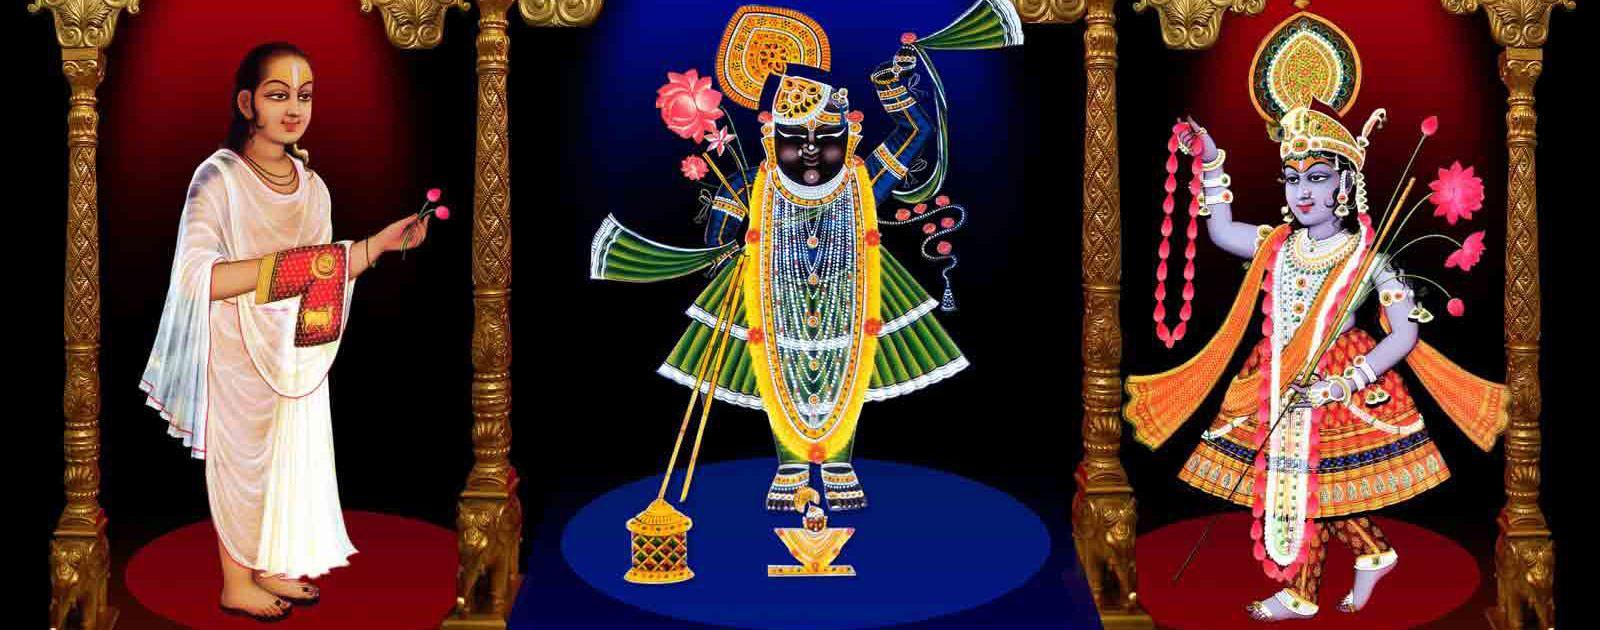 Shreenathji, Nathdwara